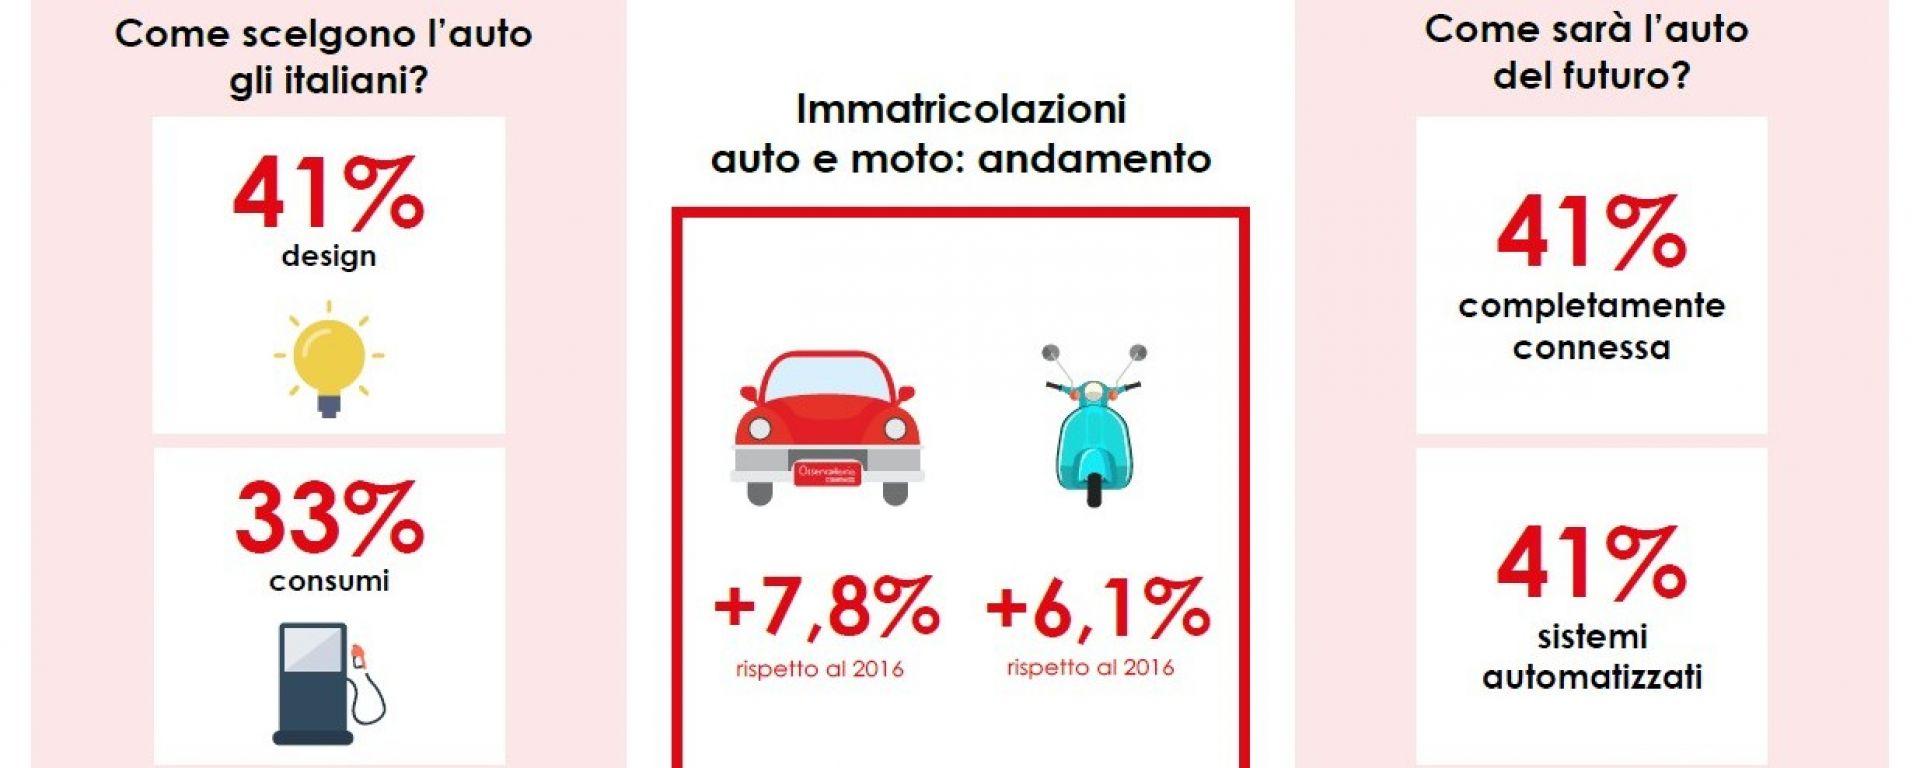 Gli italiani e l'auto: perché la scelgono e come la vogliono